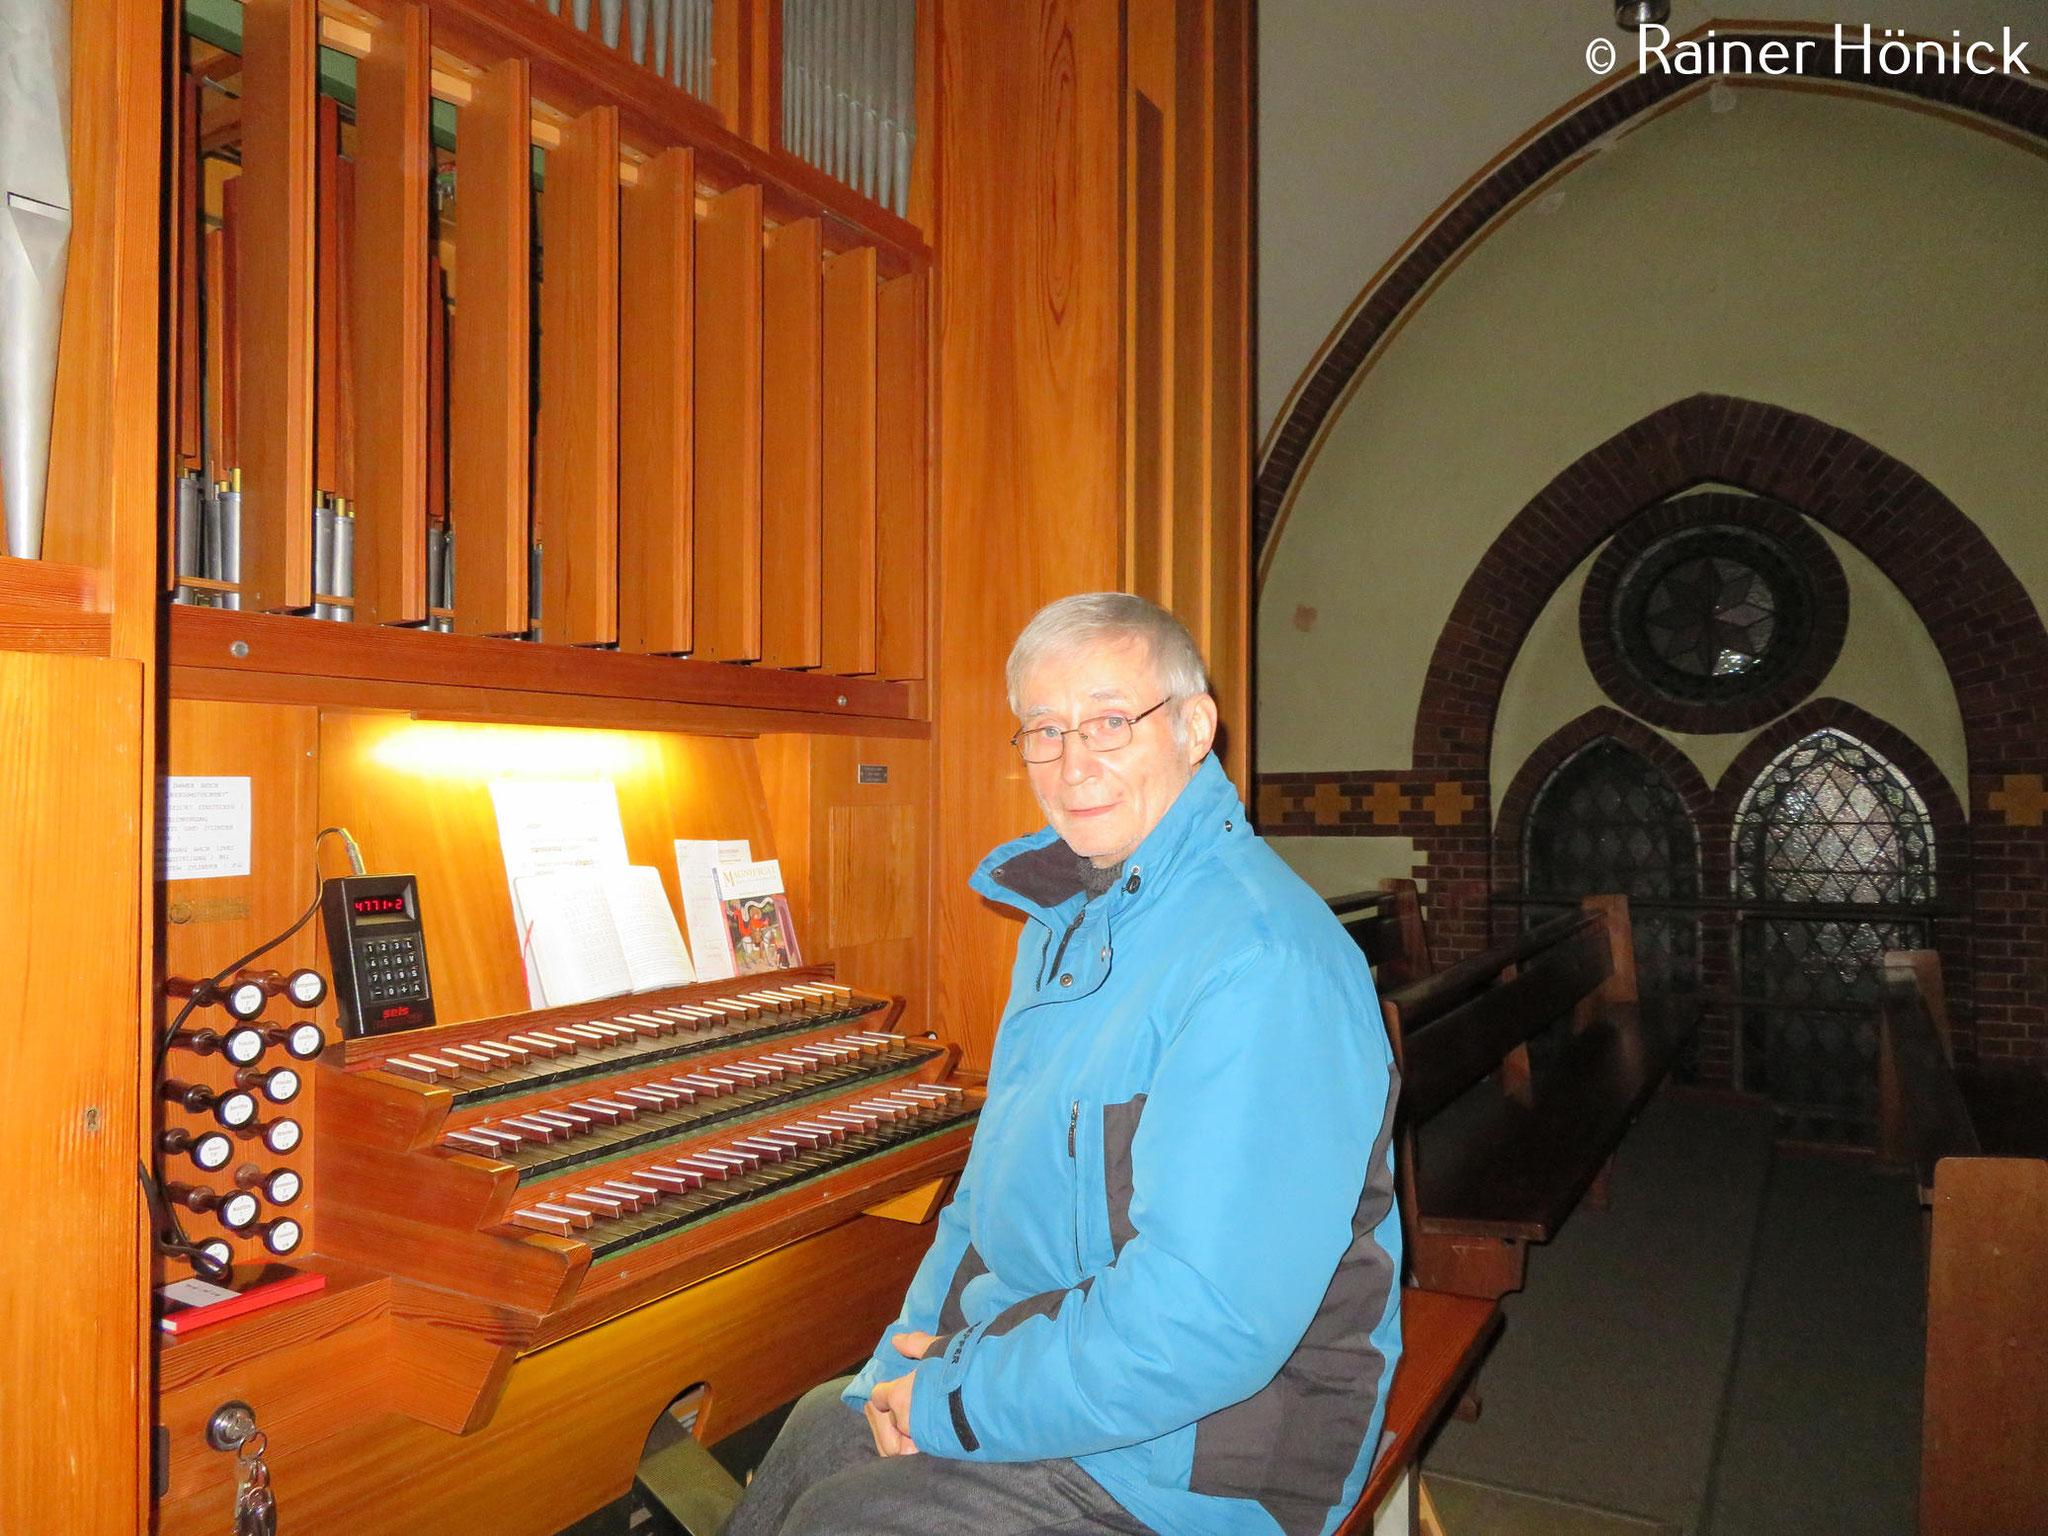 Organist Herr Peter Girus